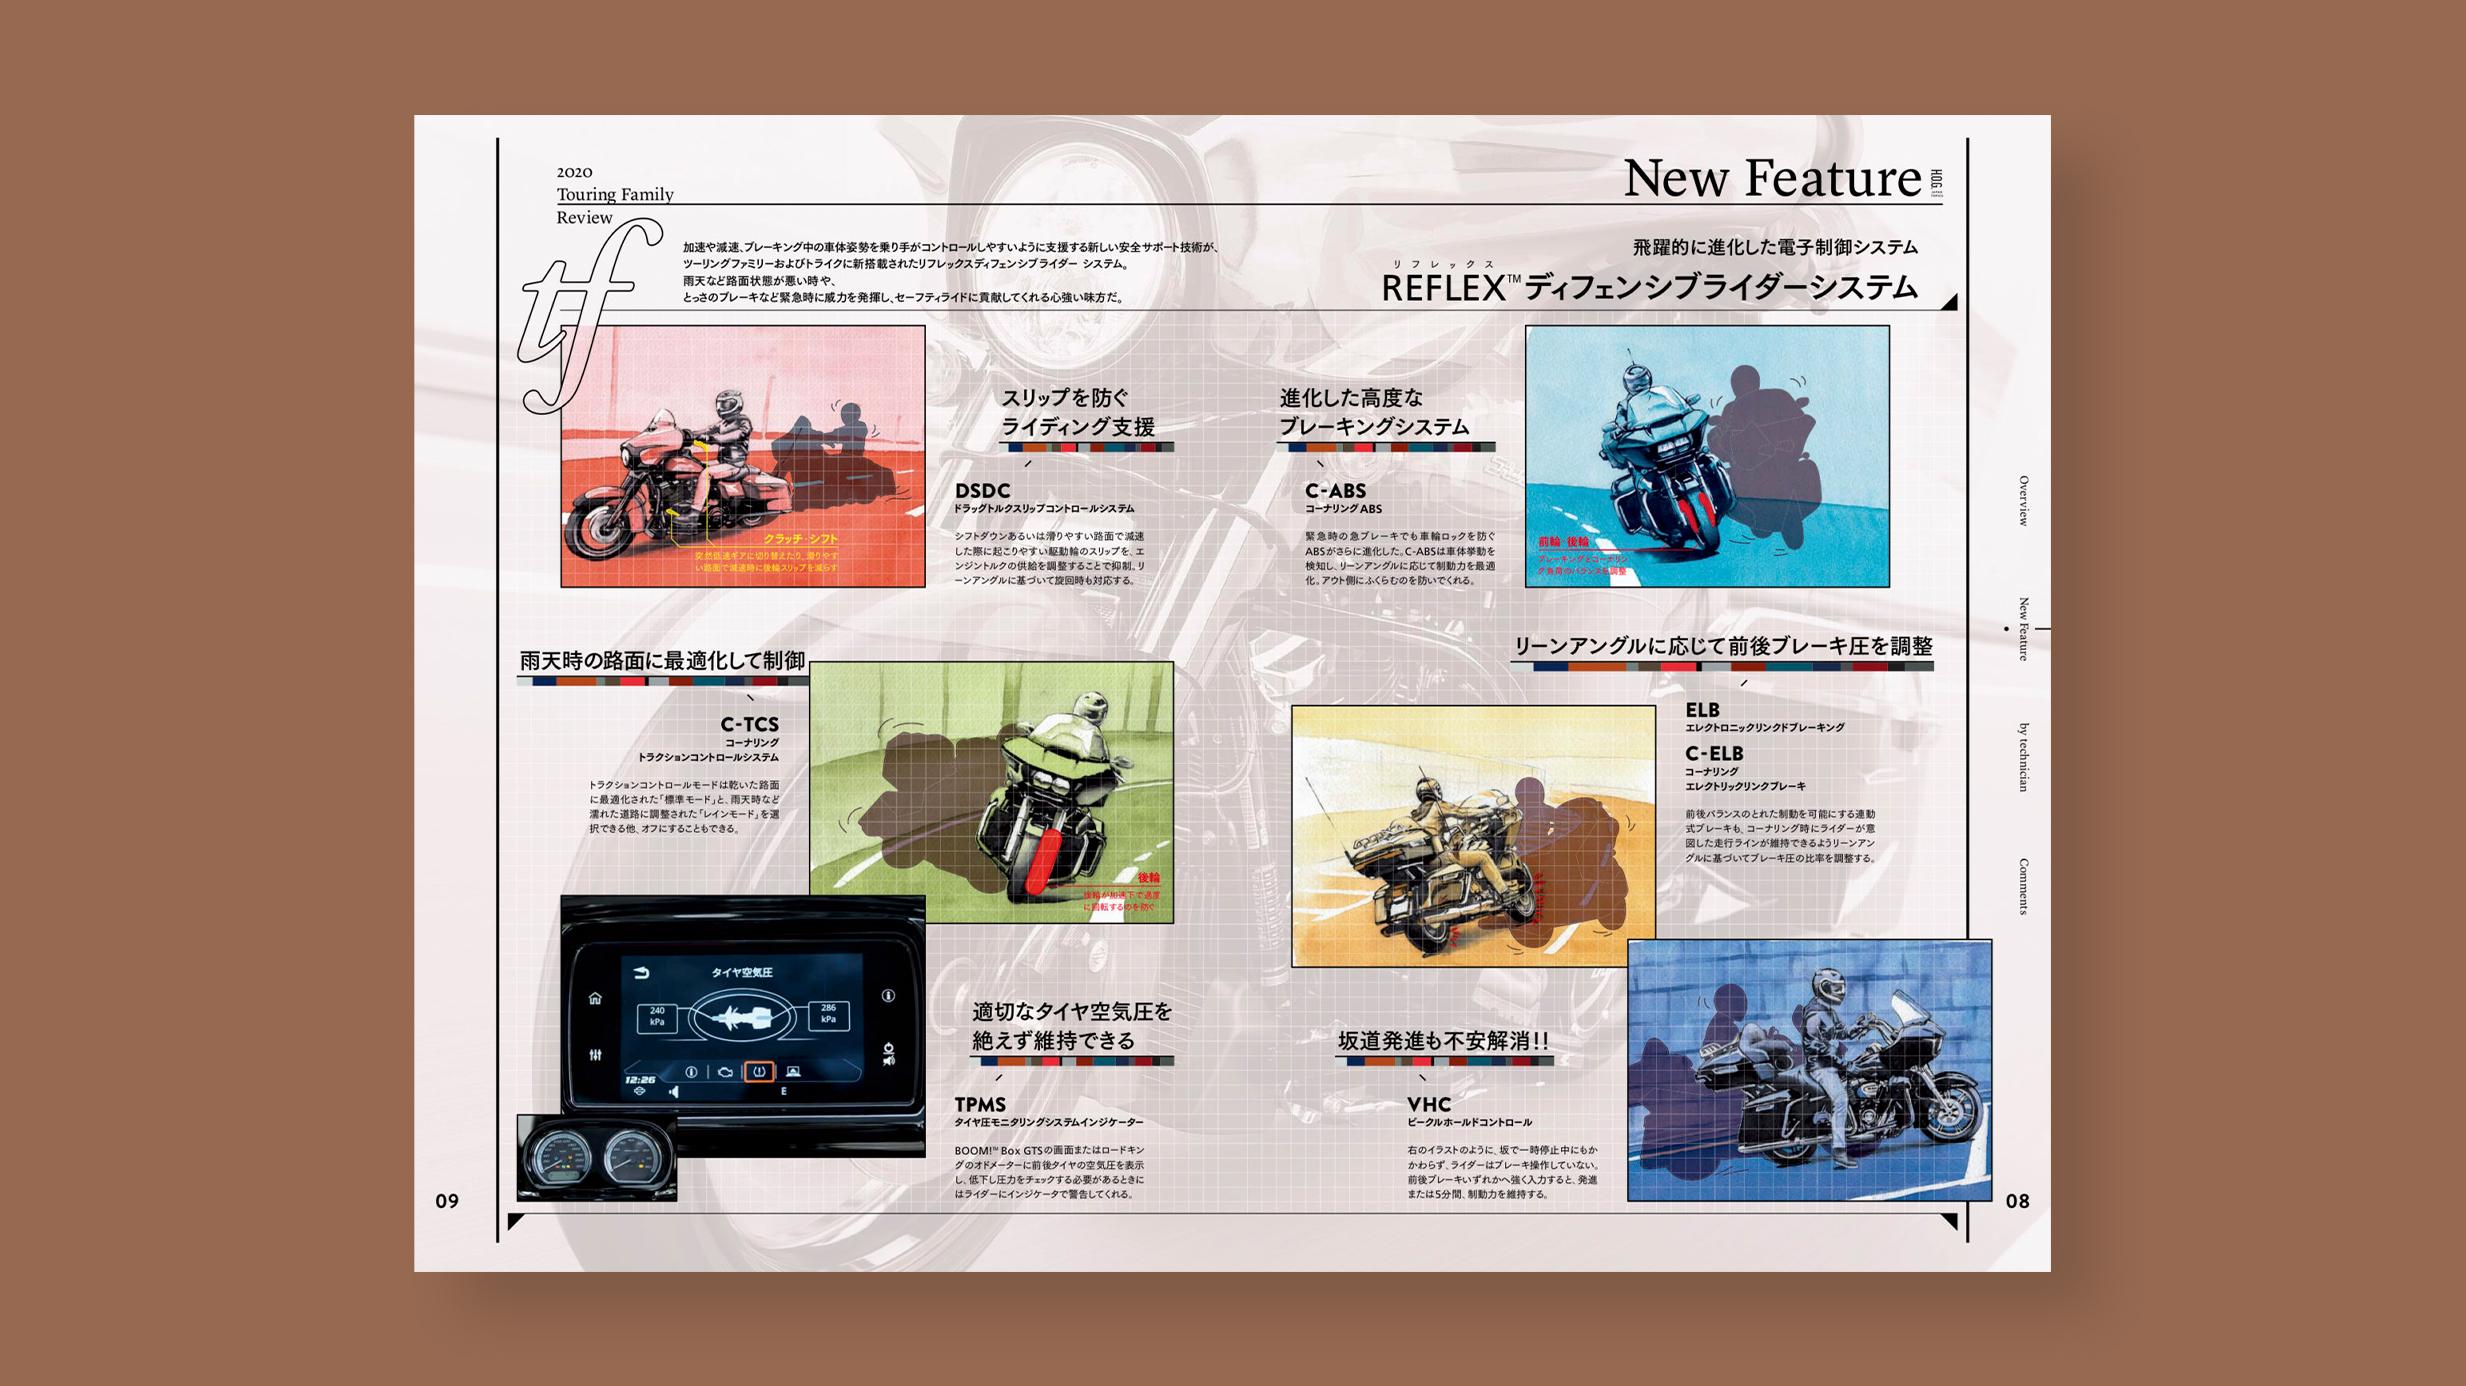 H.O.G. JAPAN TOPICS 2020(ハーレーダビッドソンオーナーズグループ会報誌)ライディングイラストカット